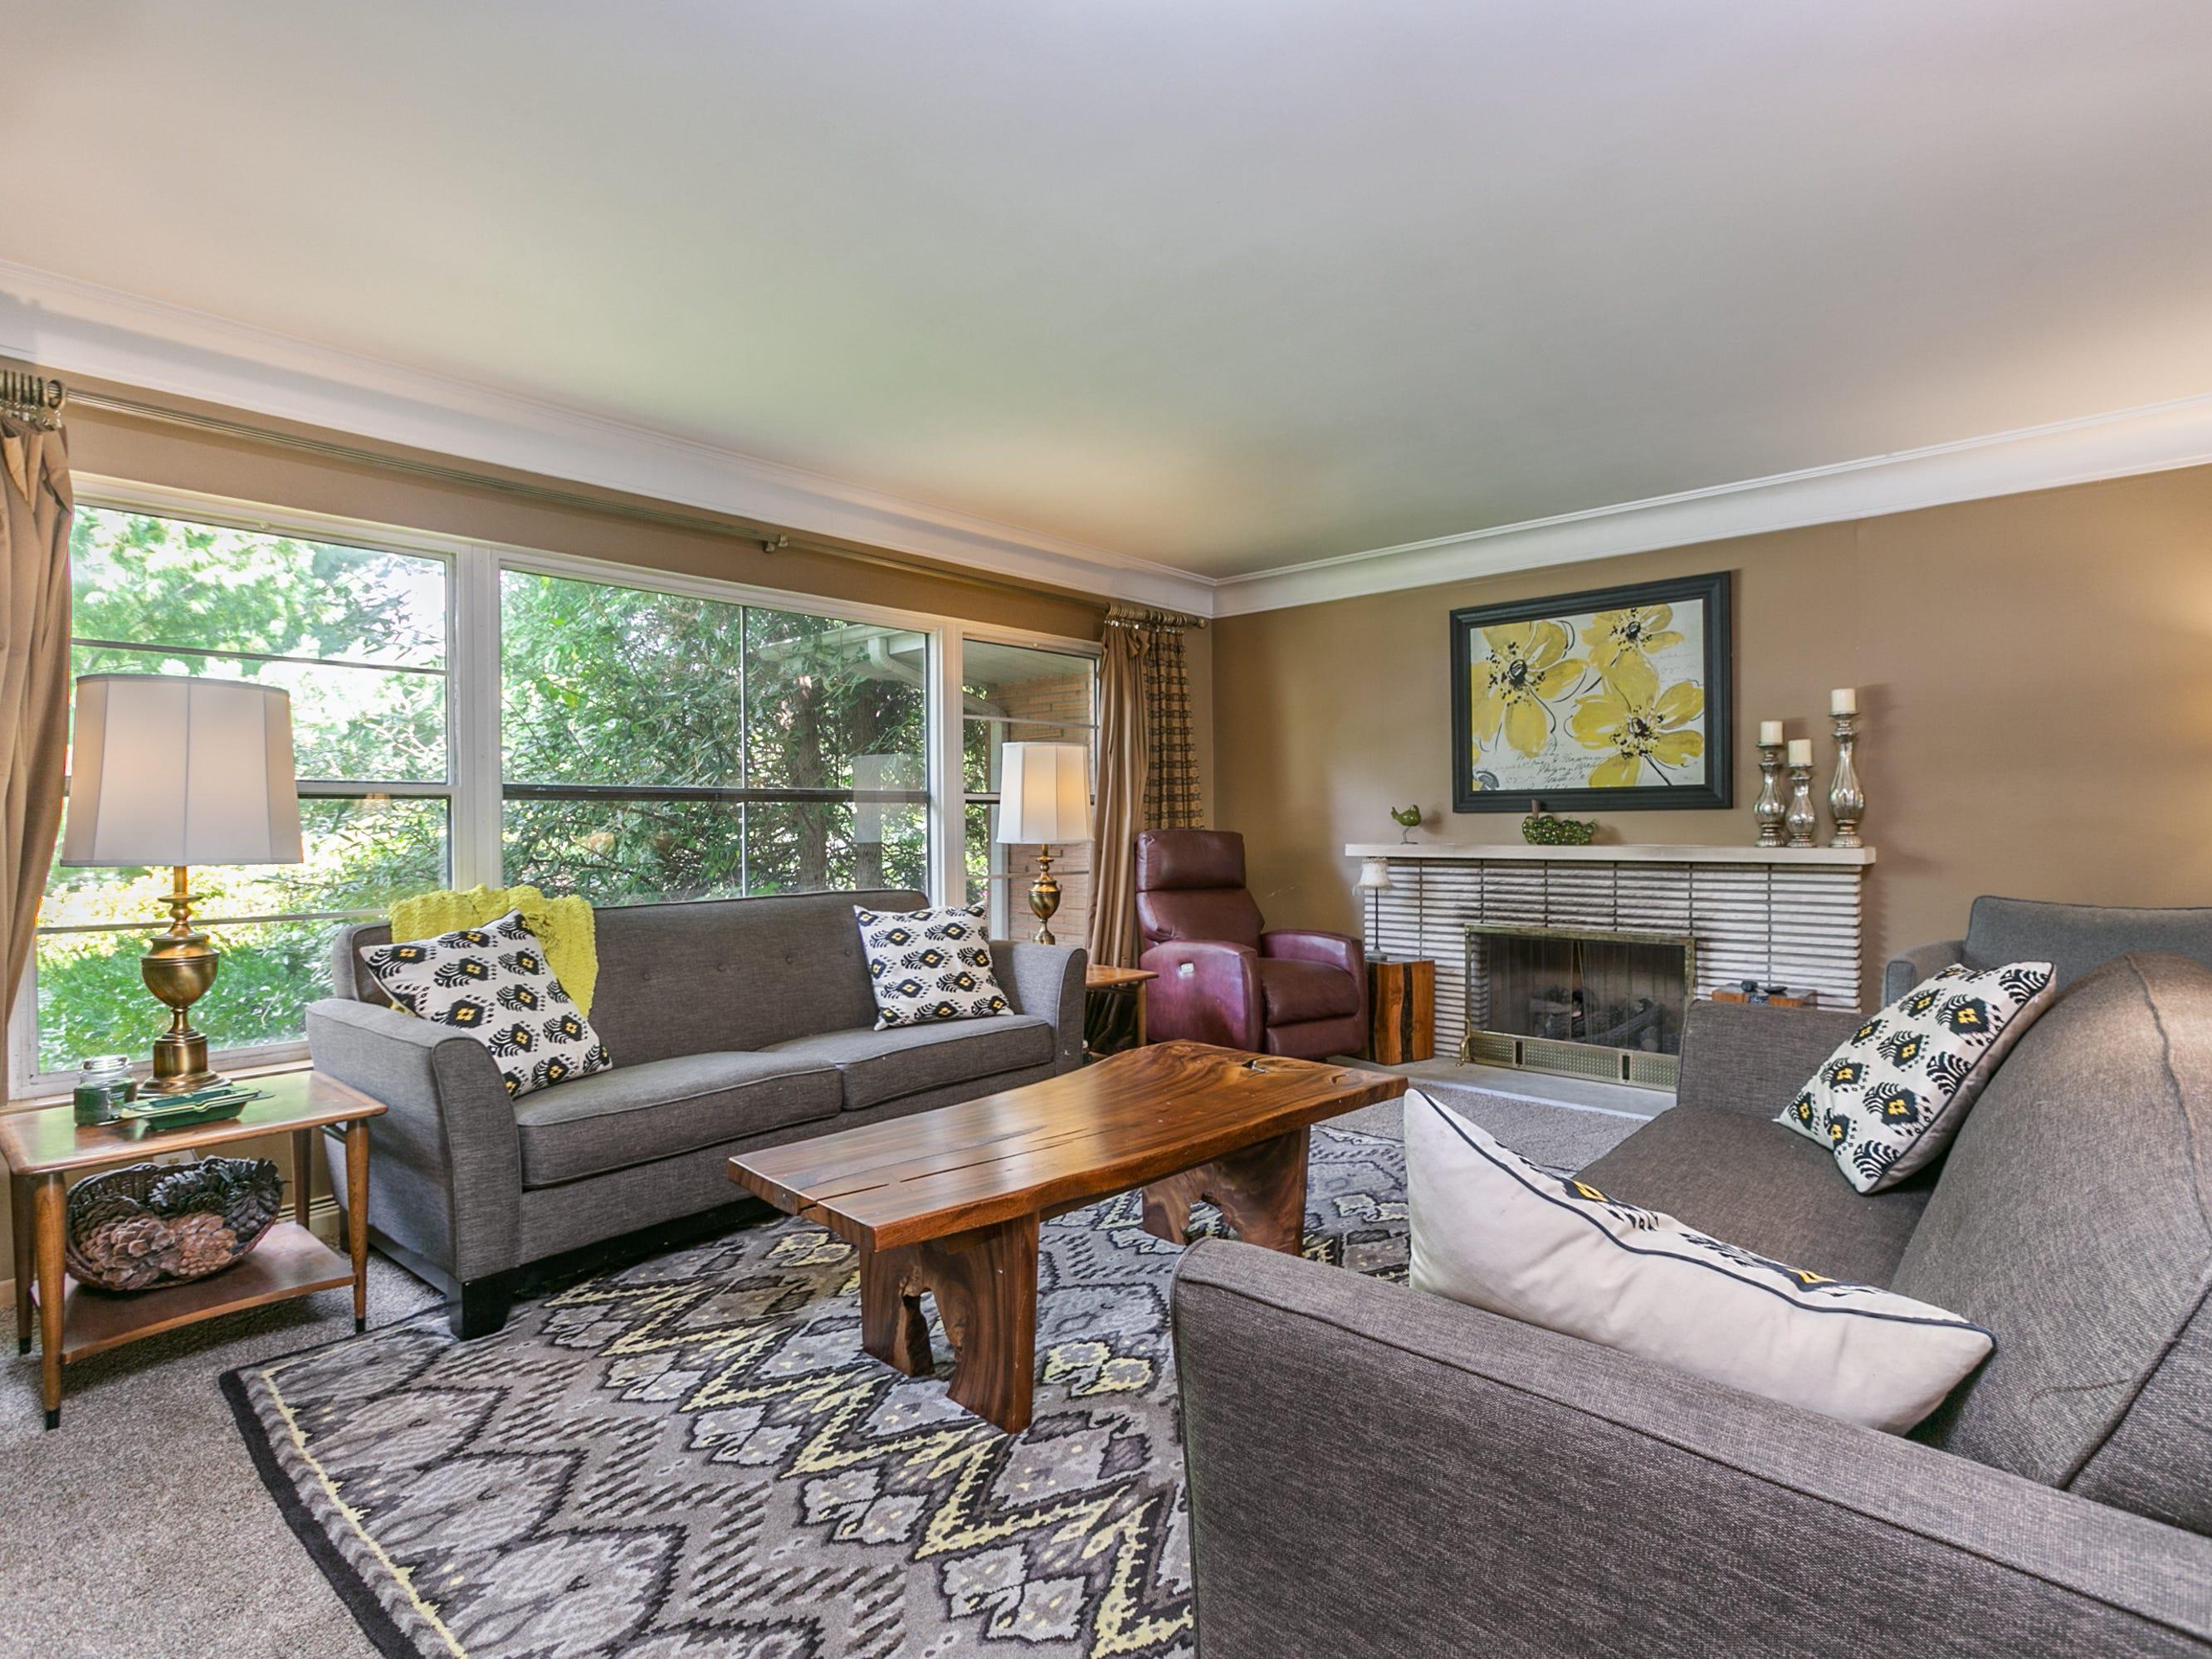 The Springfield home of Keri Franklin and Aaron Matkowski on October 3, 2018.